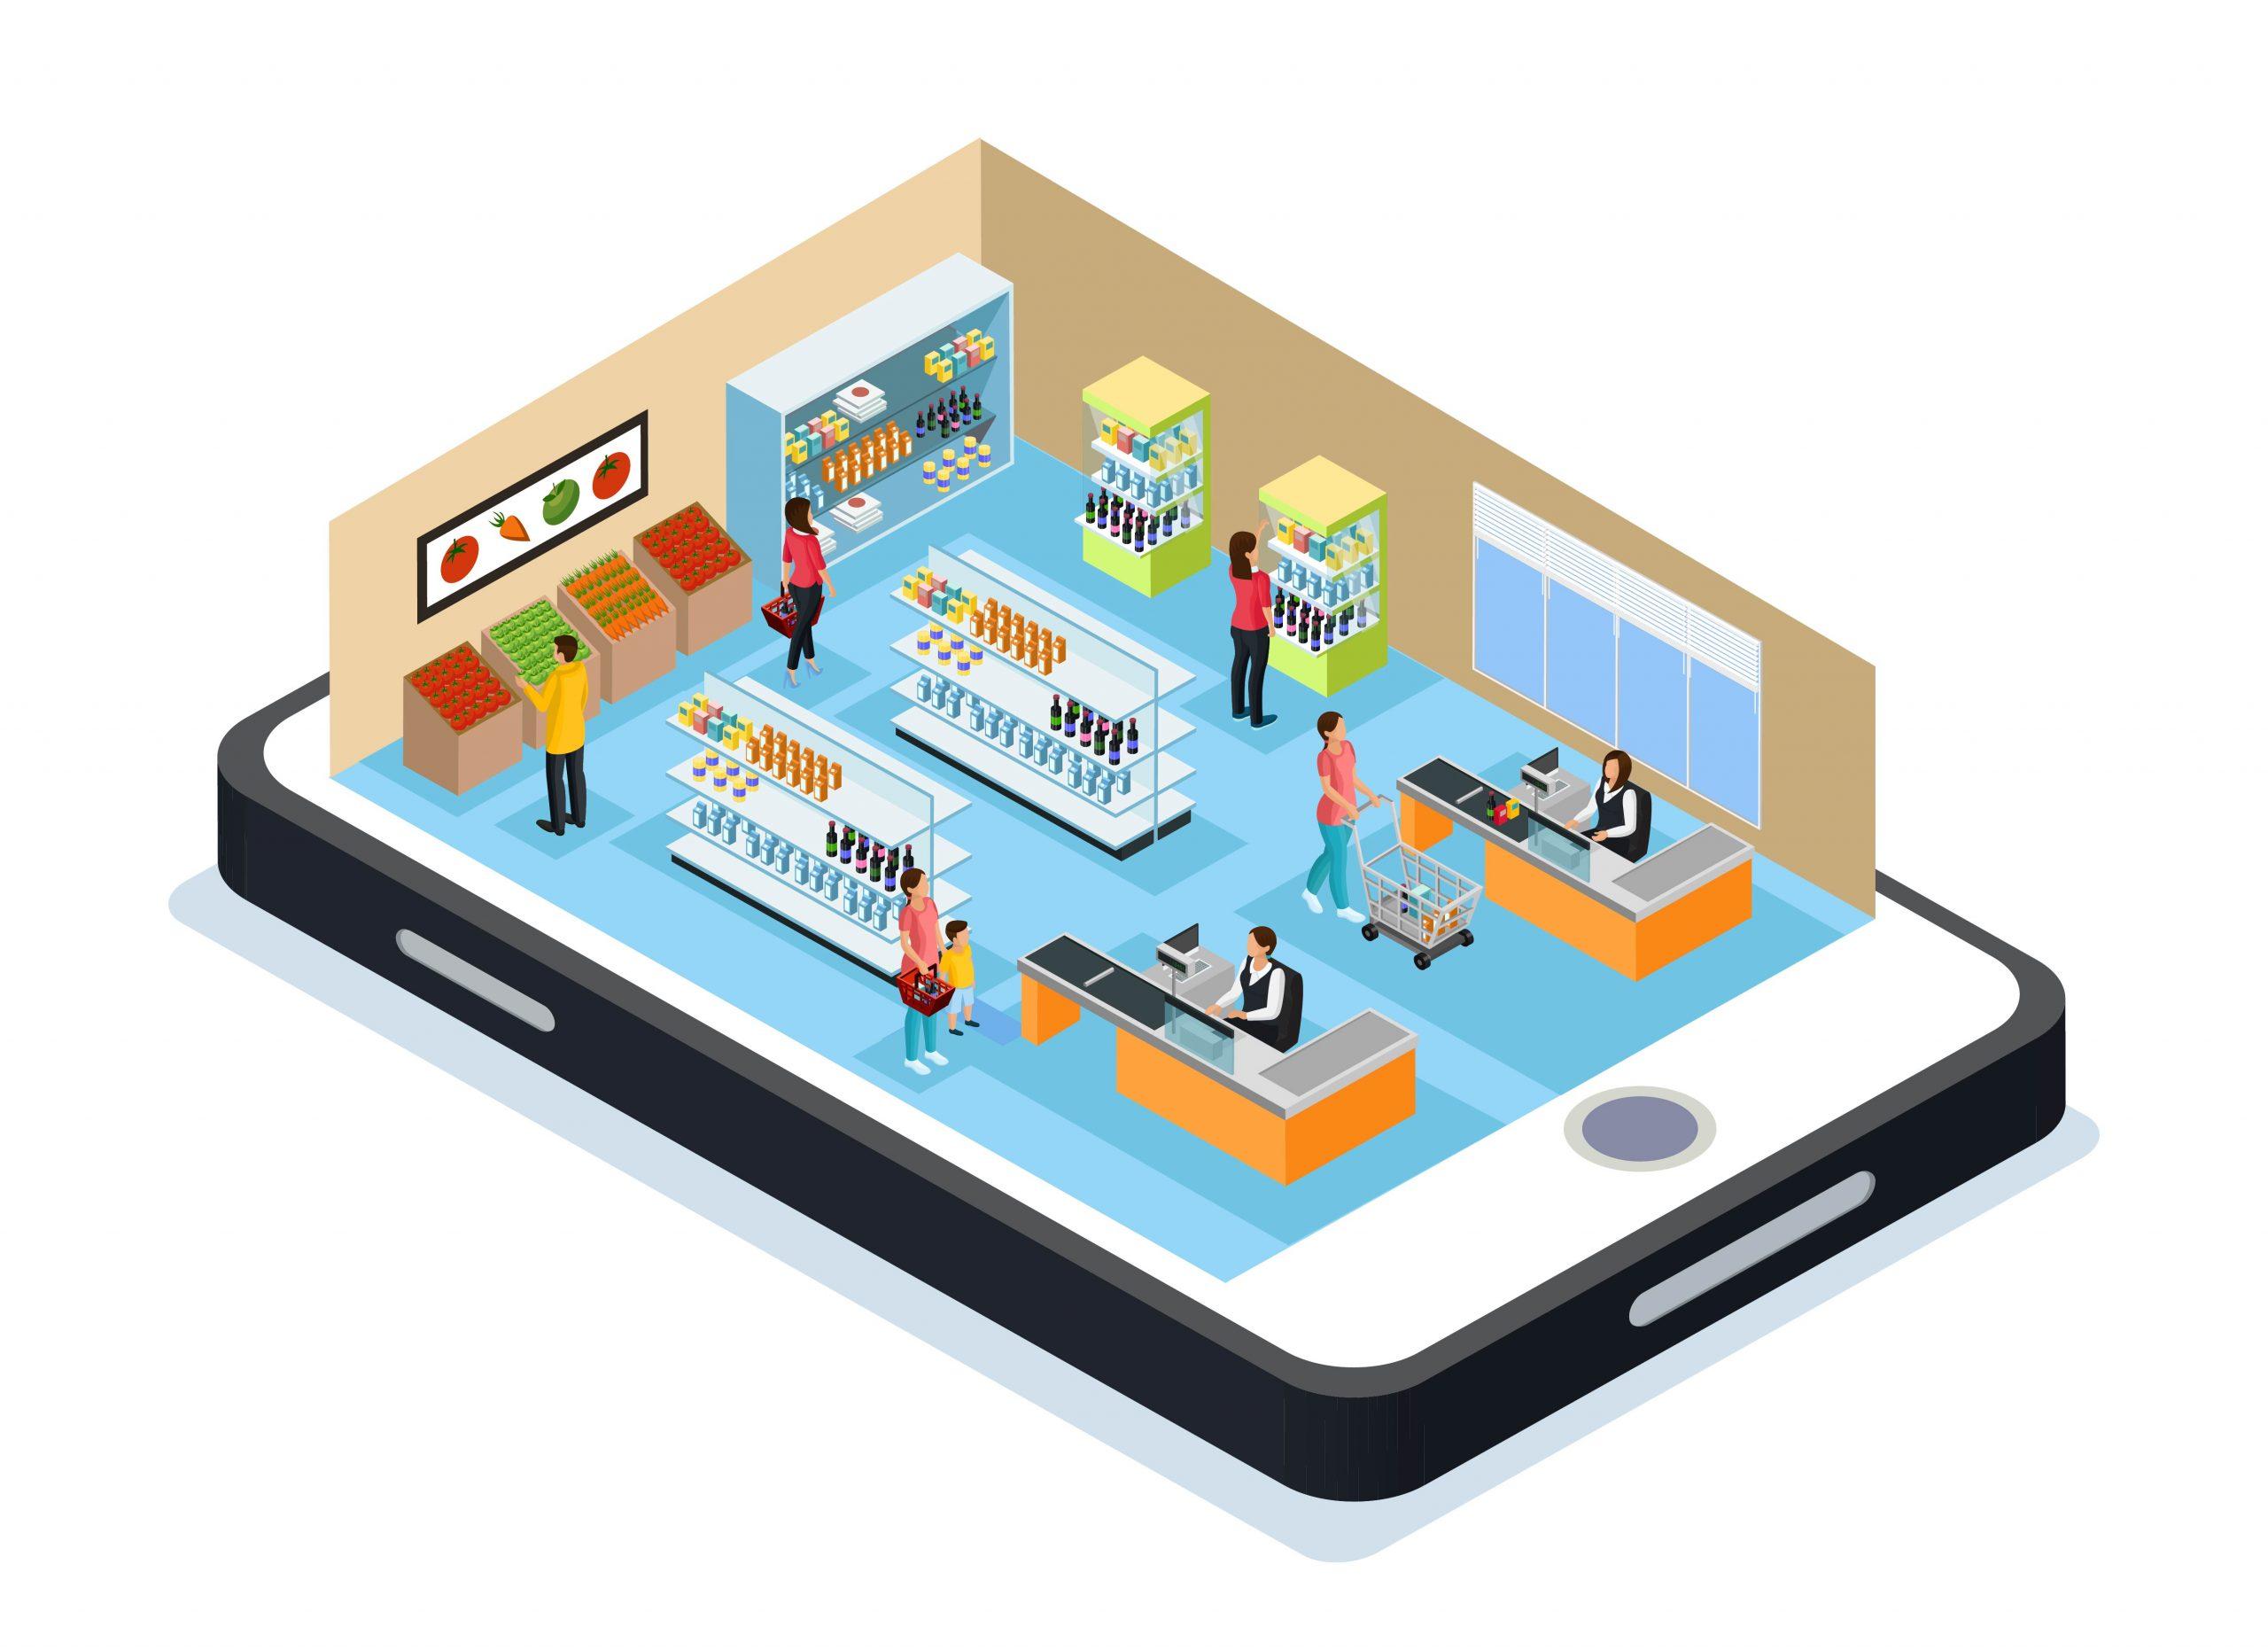 Commercity UAE